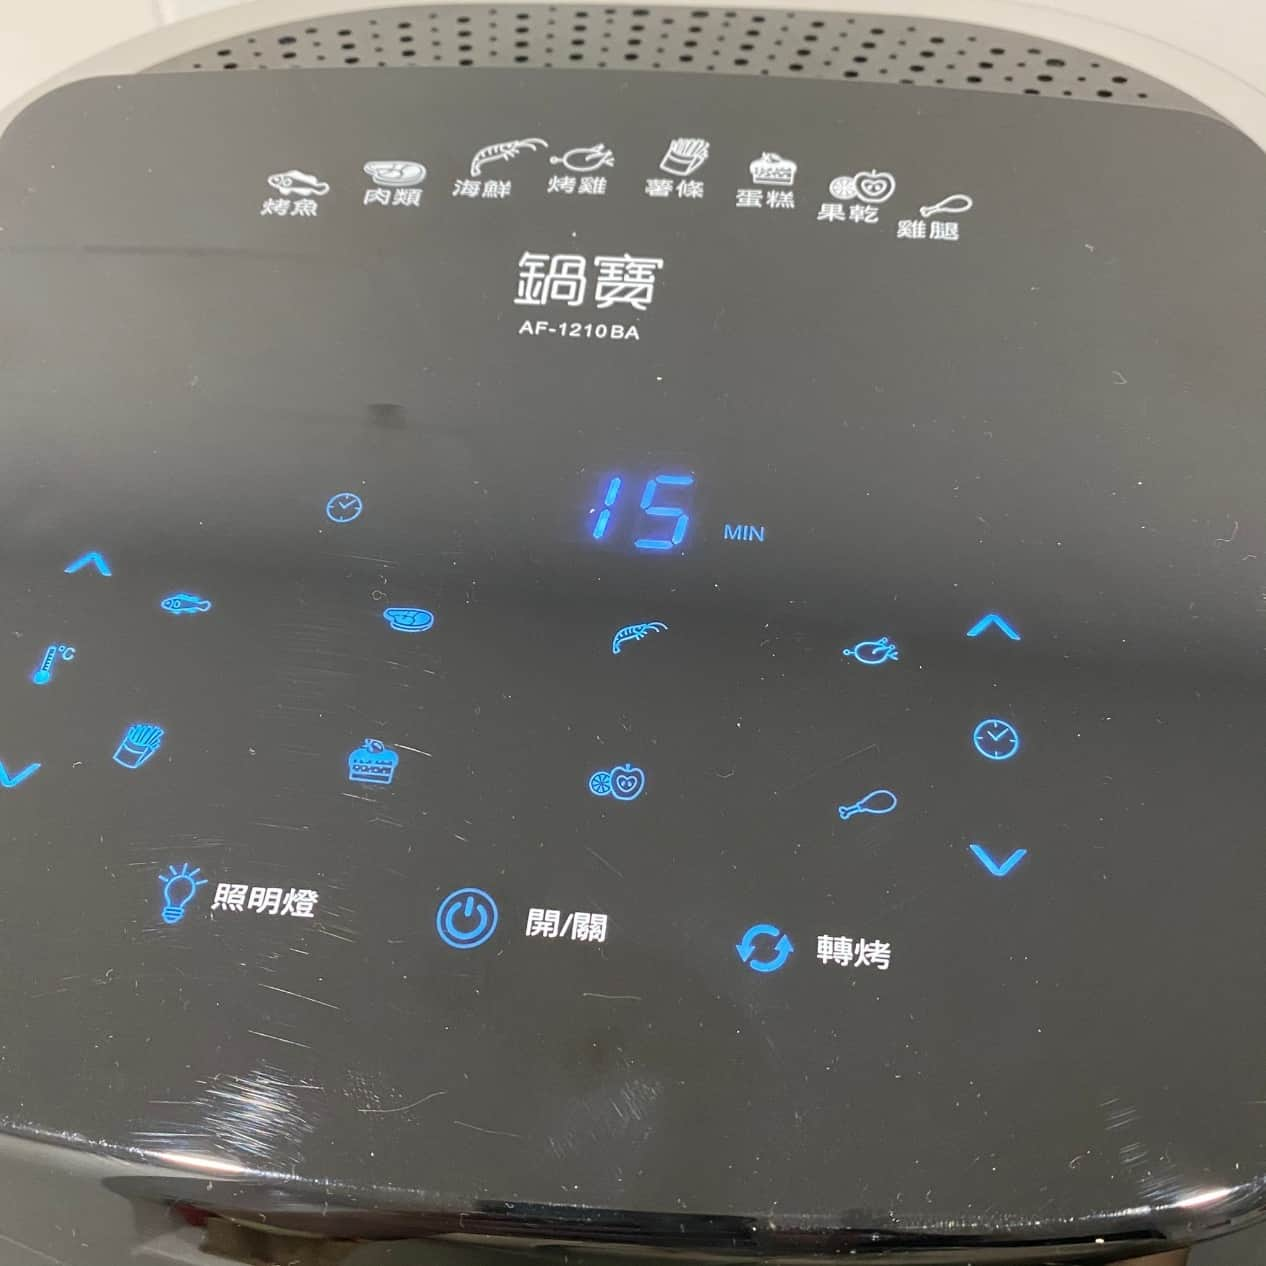 AF-1210BA 多功能氣炸烤箱-微電腦LED智慧觸控面板